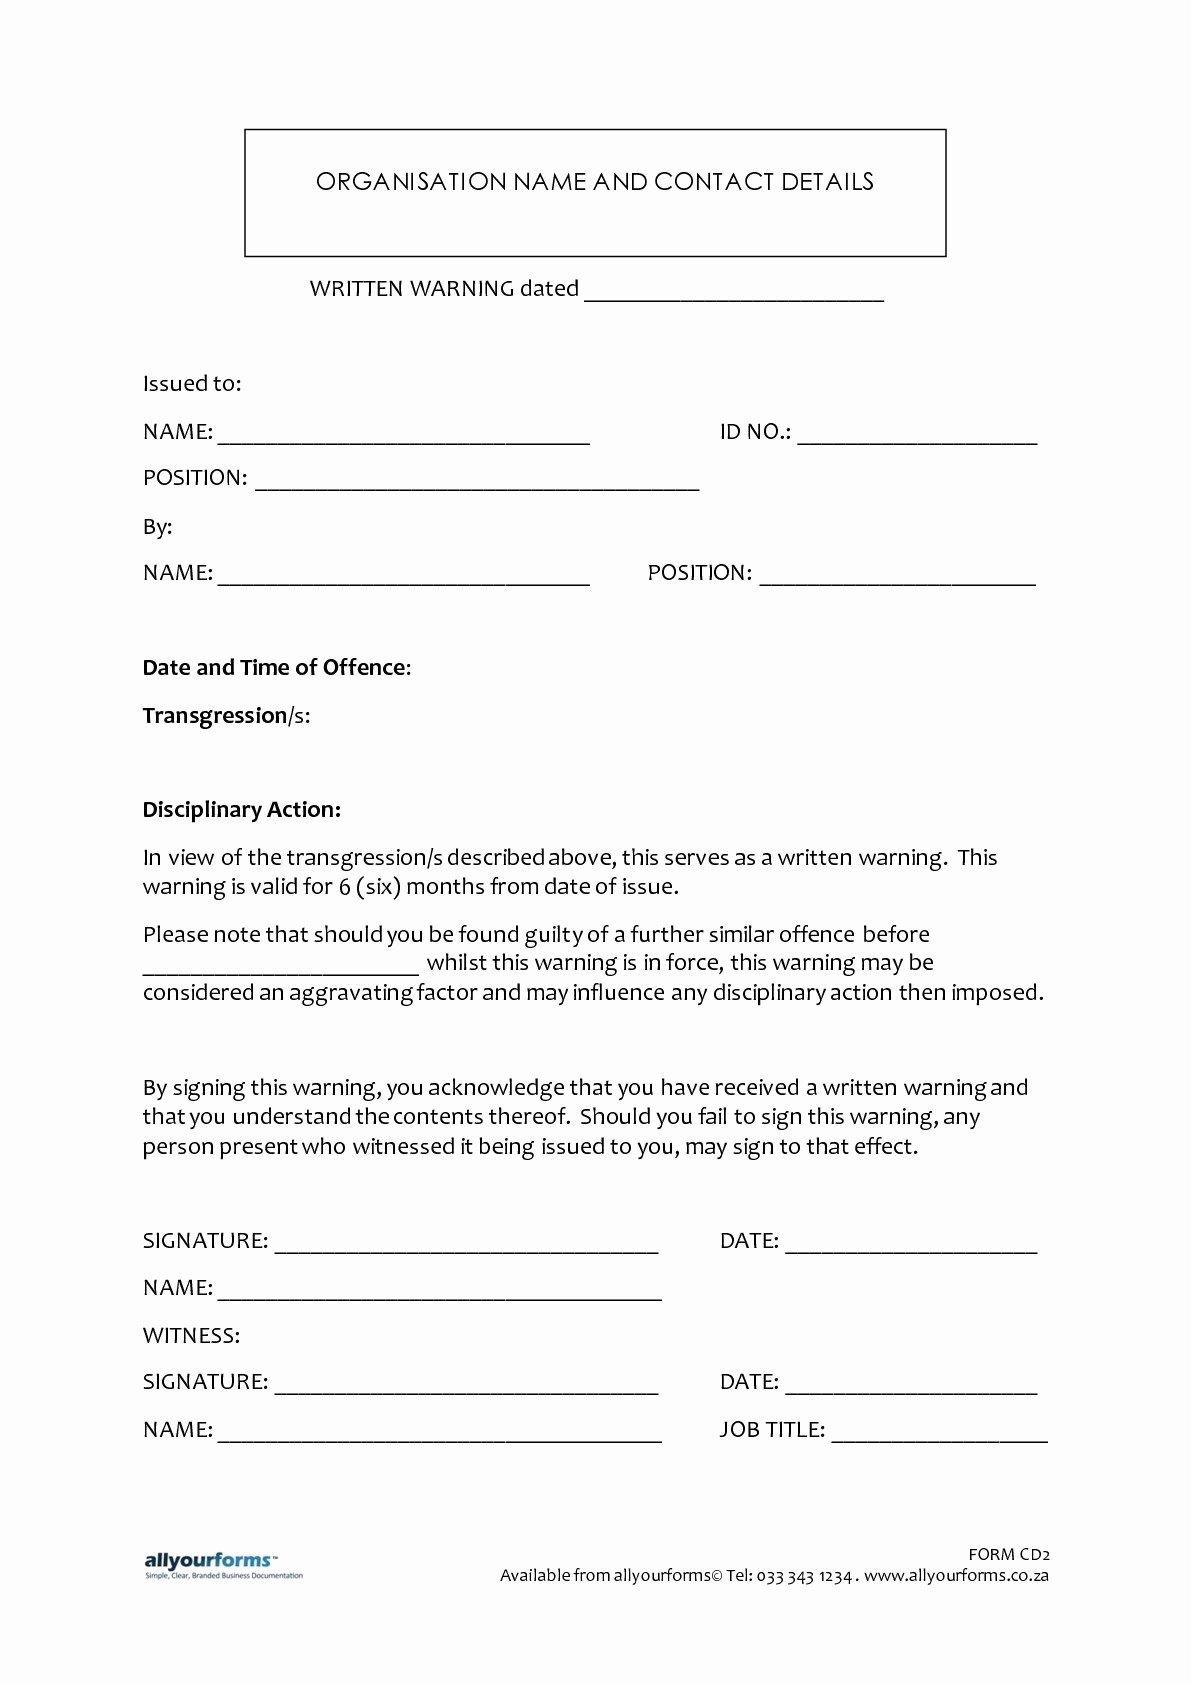 Sample Written Warning Letter Best Of Sample Written Warning Letter to Employee